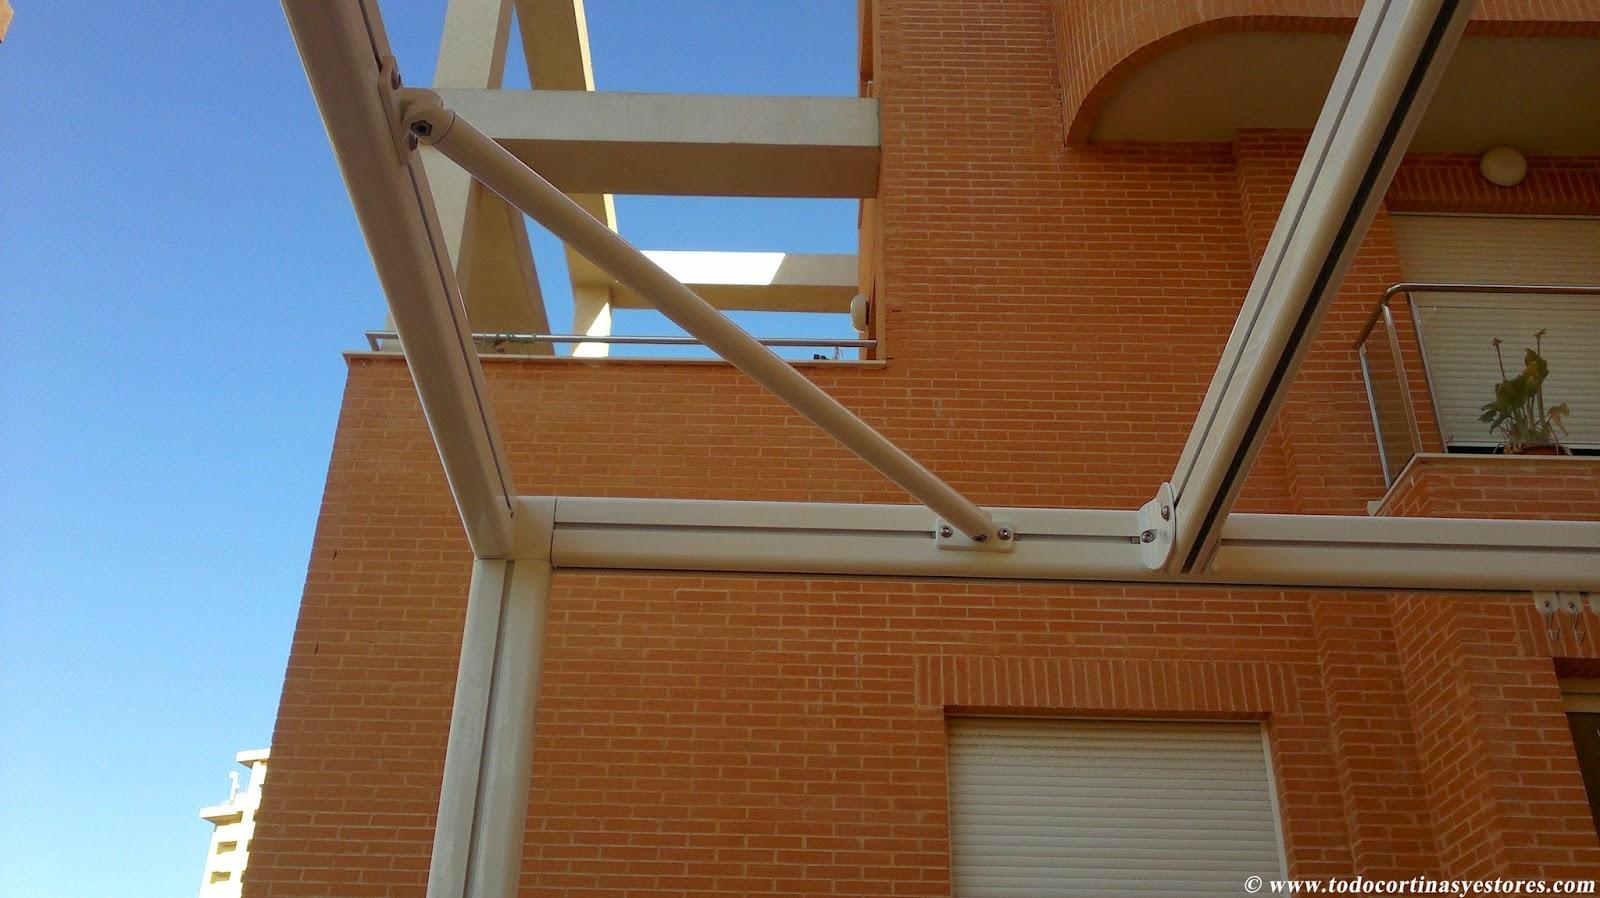 Decoracion interior cortinas verticales estores for Estructuras aluminio para toldos